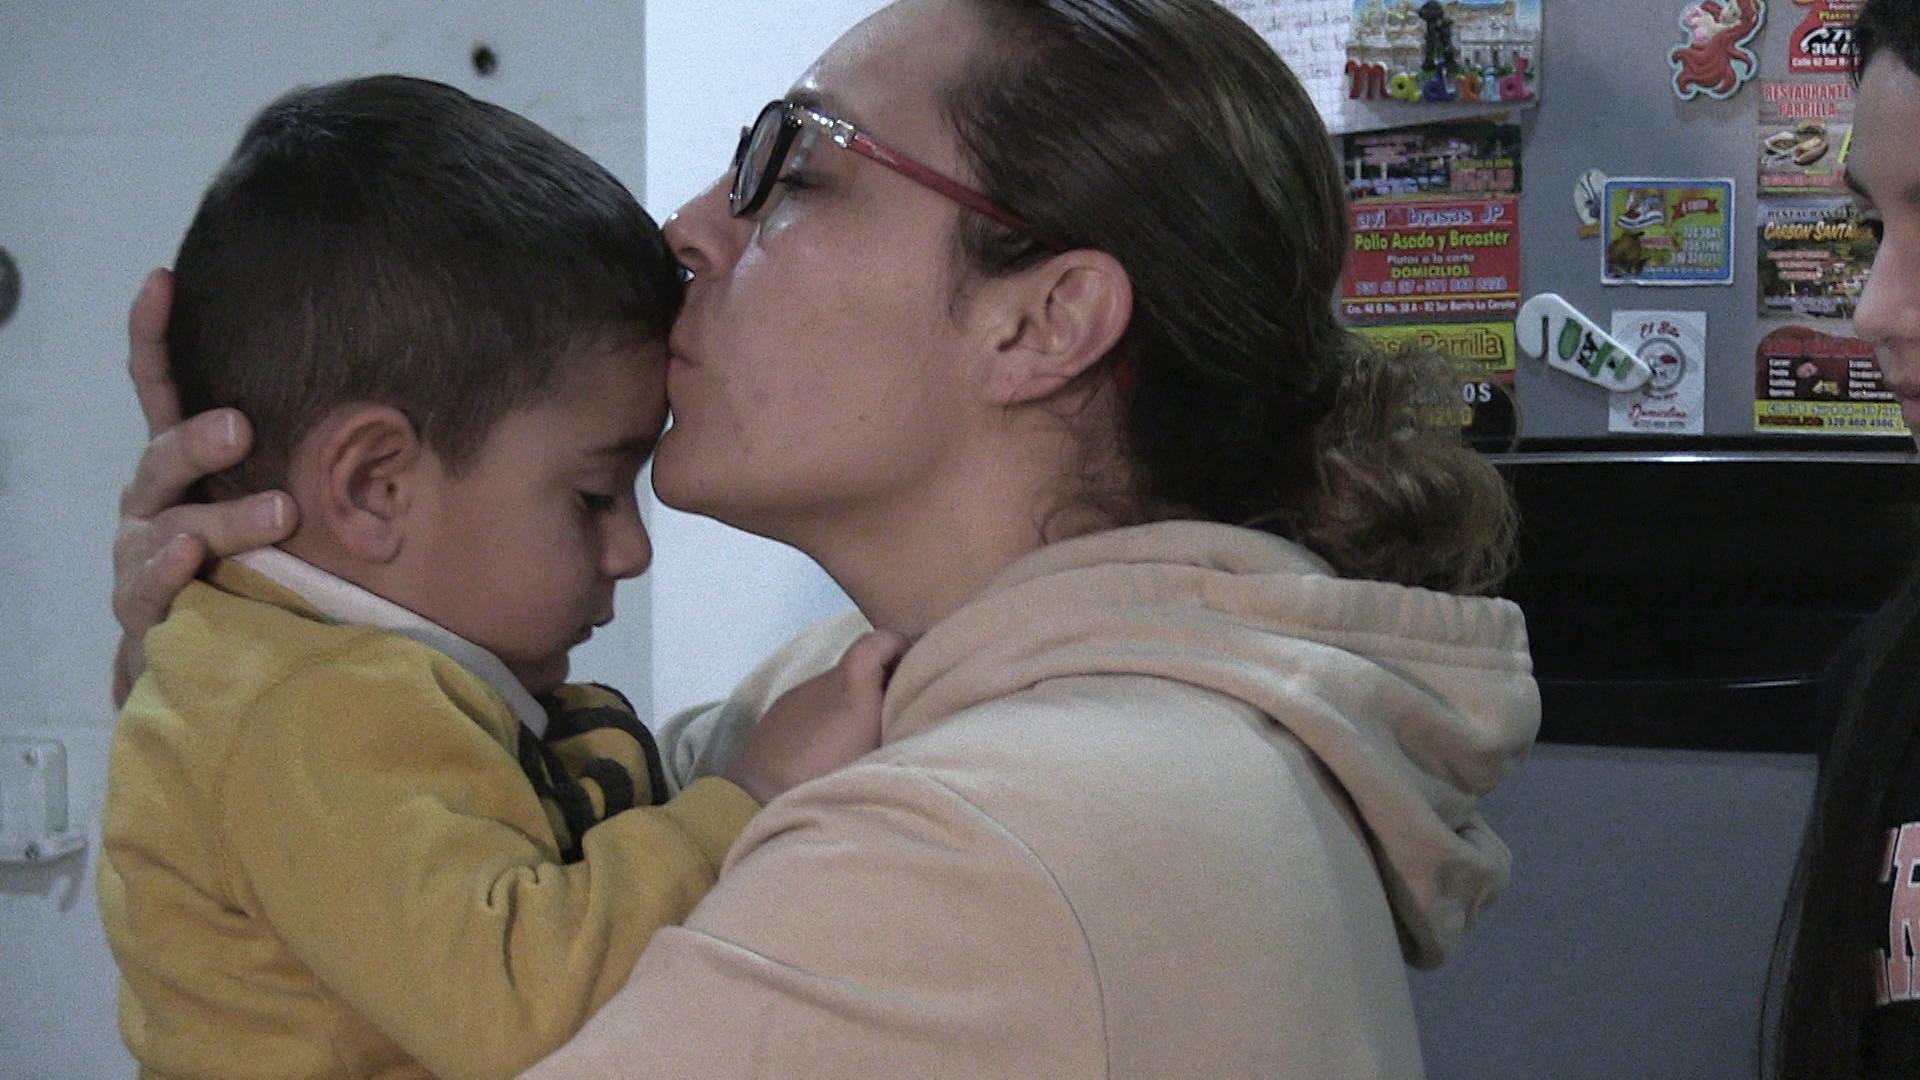 Diana Duarte, jefa de enfermería en la unidad de urgencias en el Hospital el Tunal, se reencuentra con sus hijos, después de semanas de aislamiento por el Covid-19.